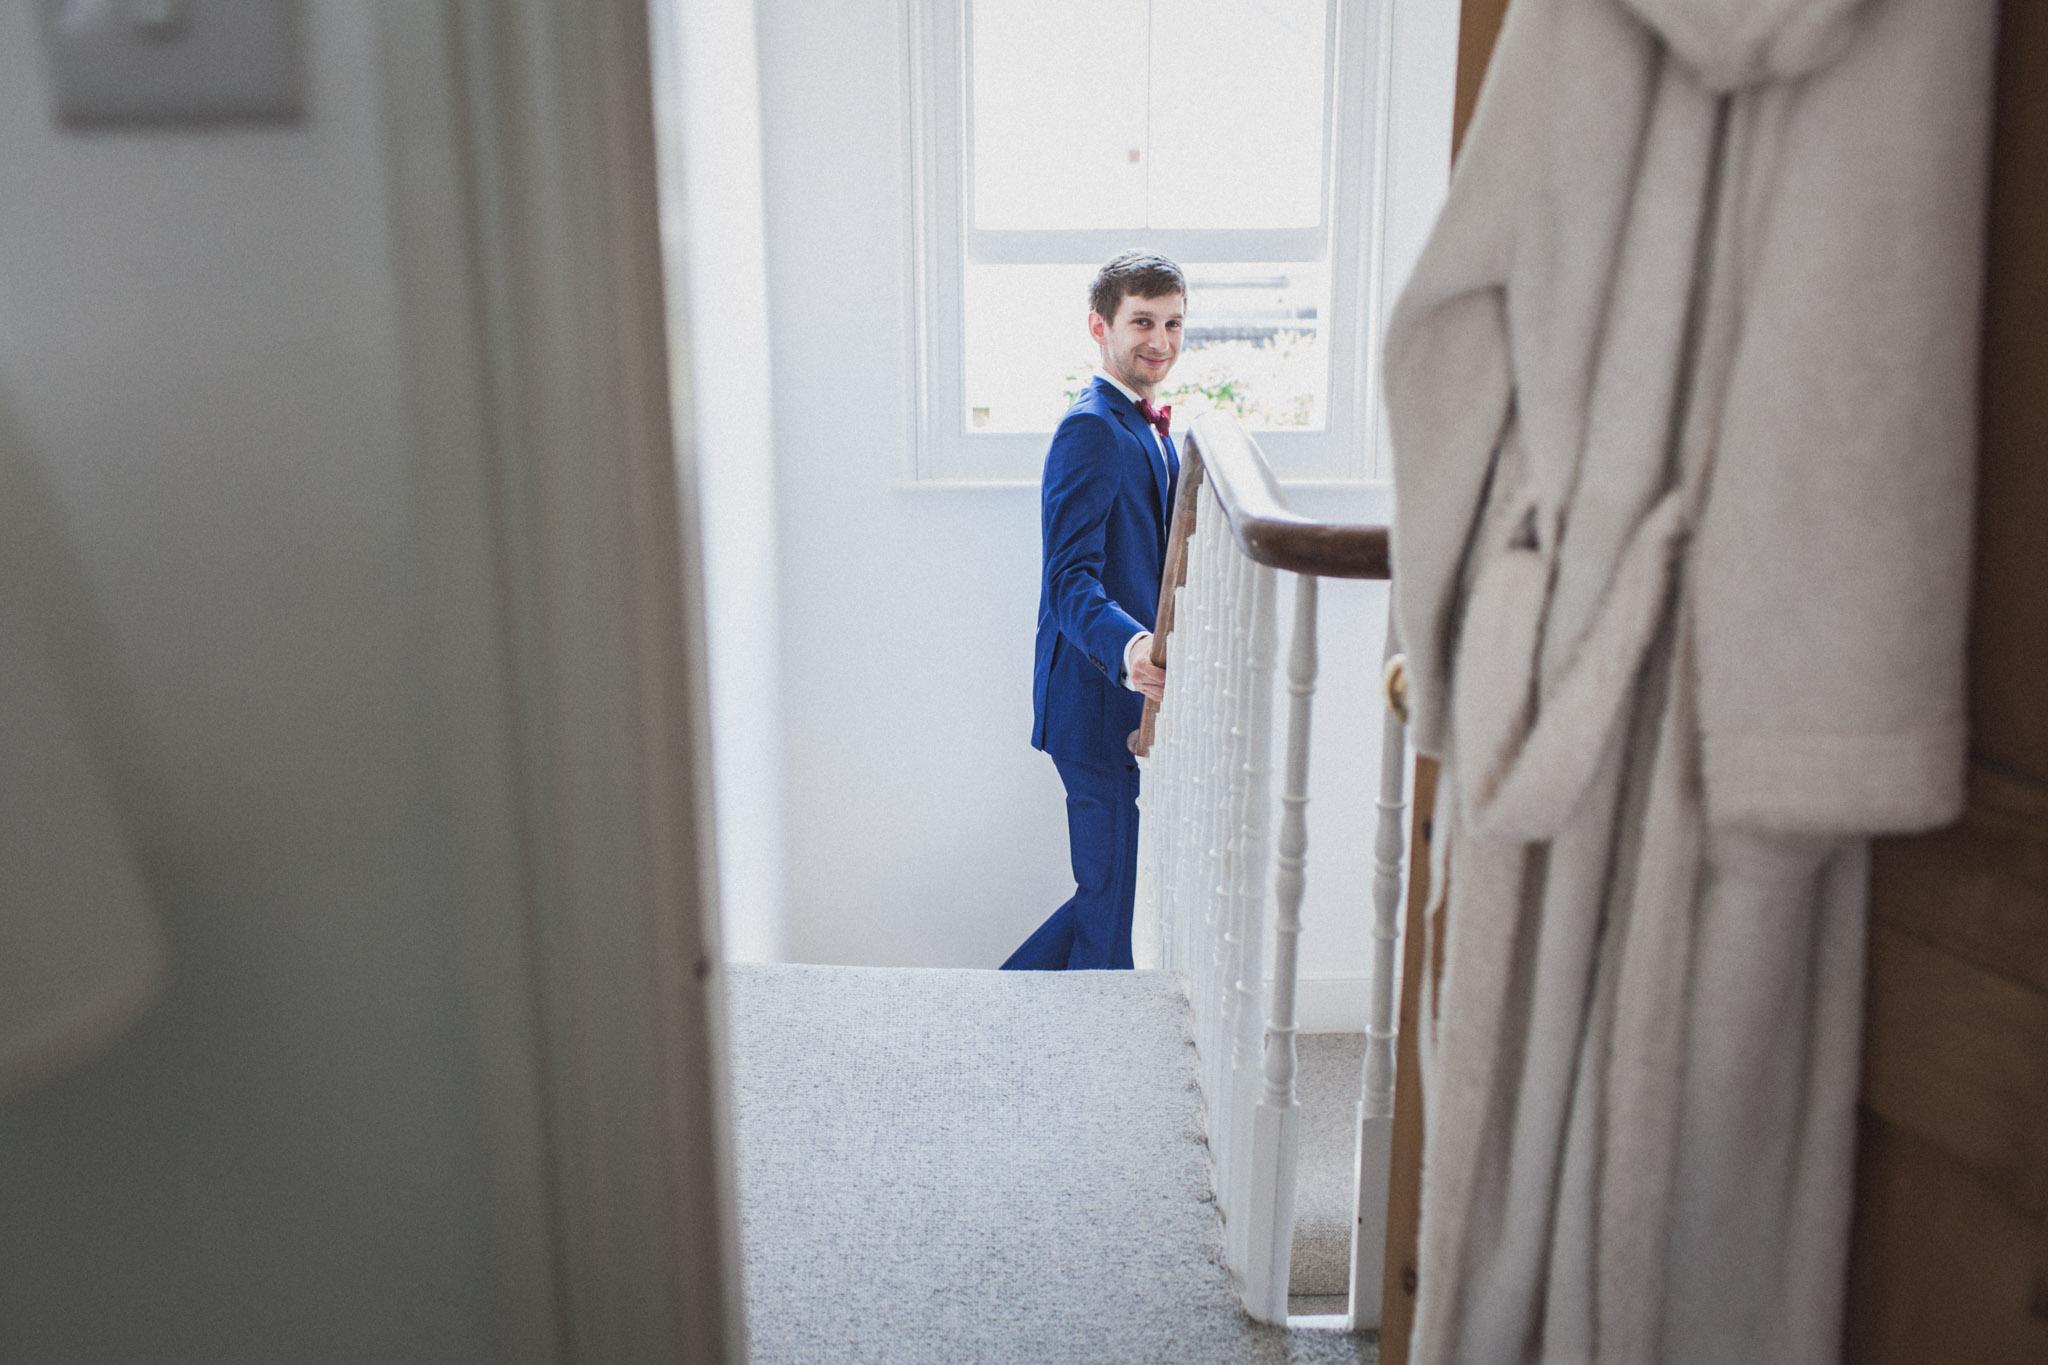 lewes_wedding_photographer_0017.jpg